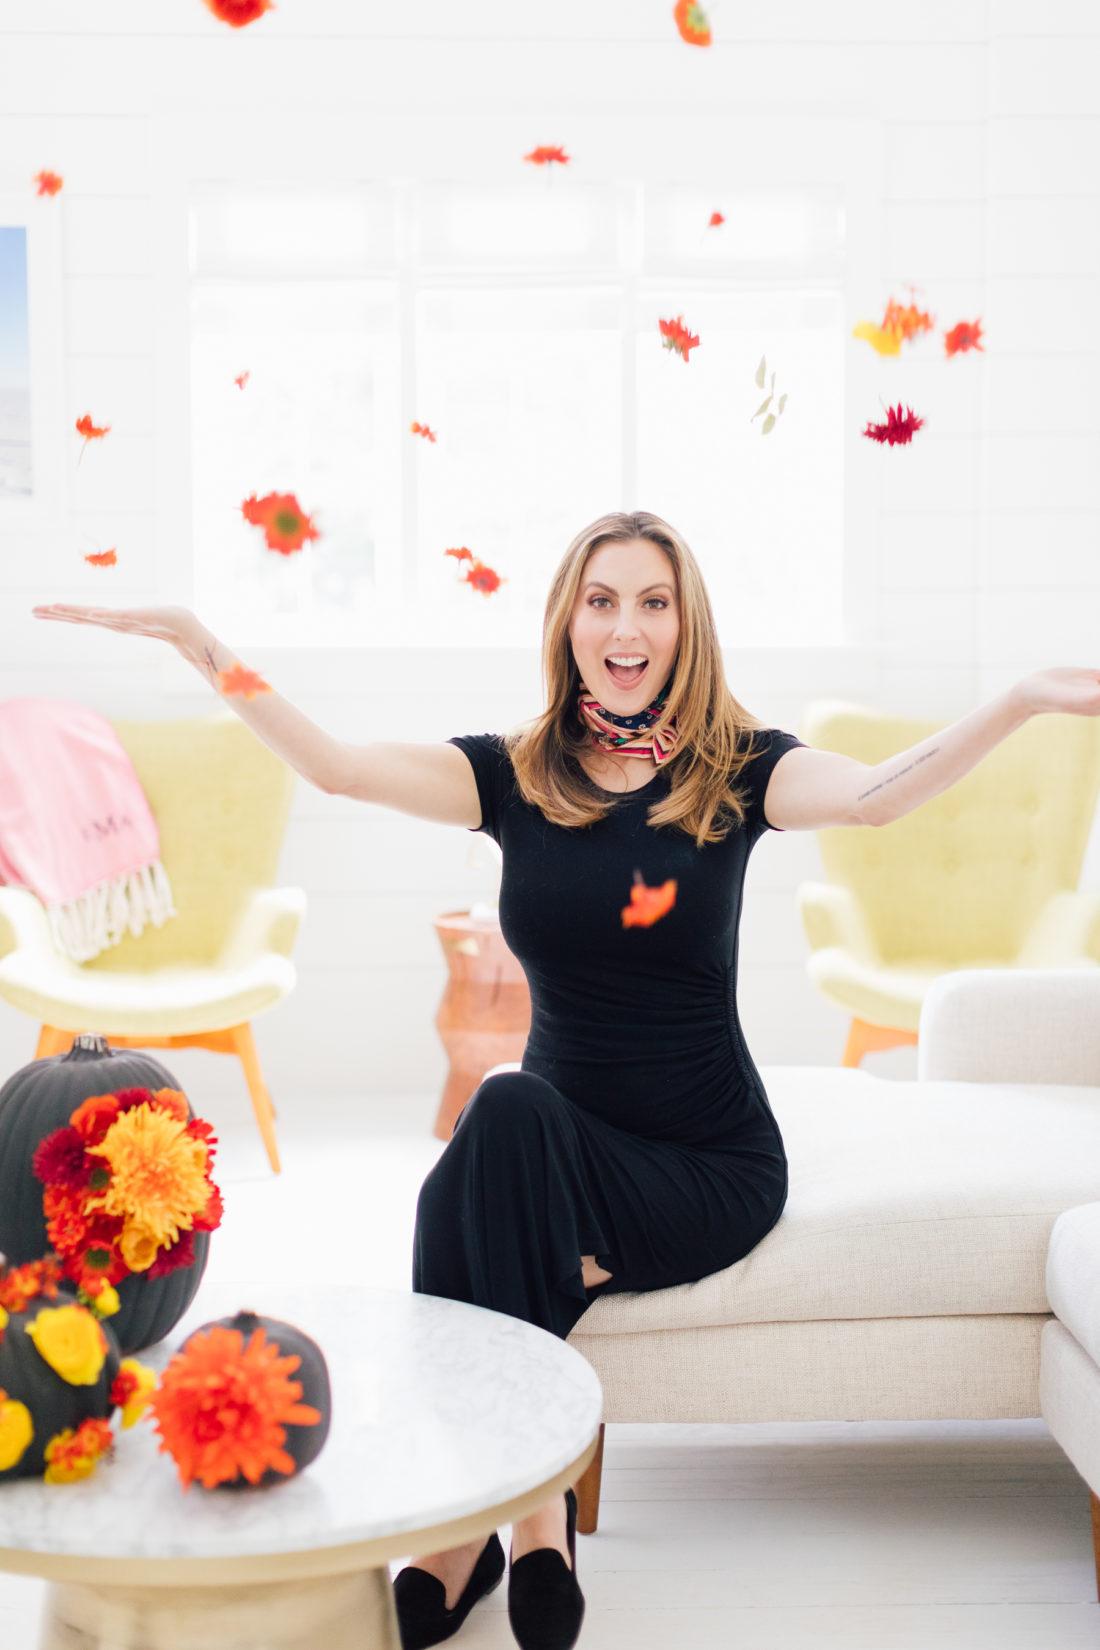 Eva Amurri Martino throws faux flowers in the air